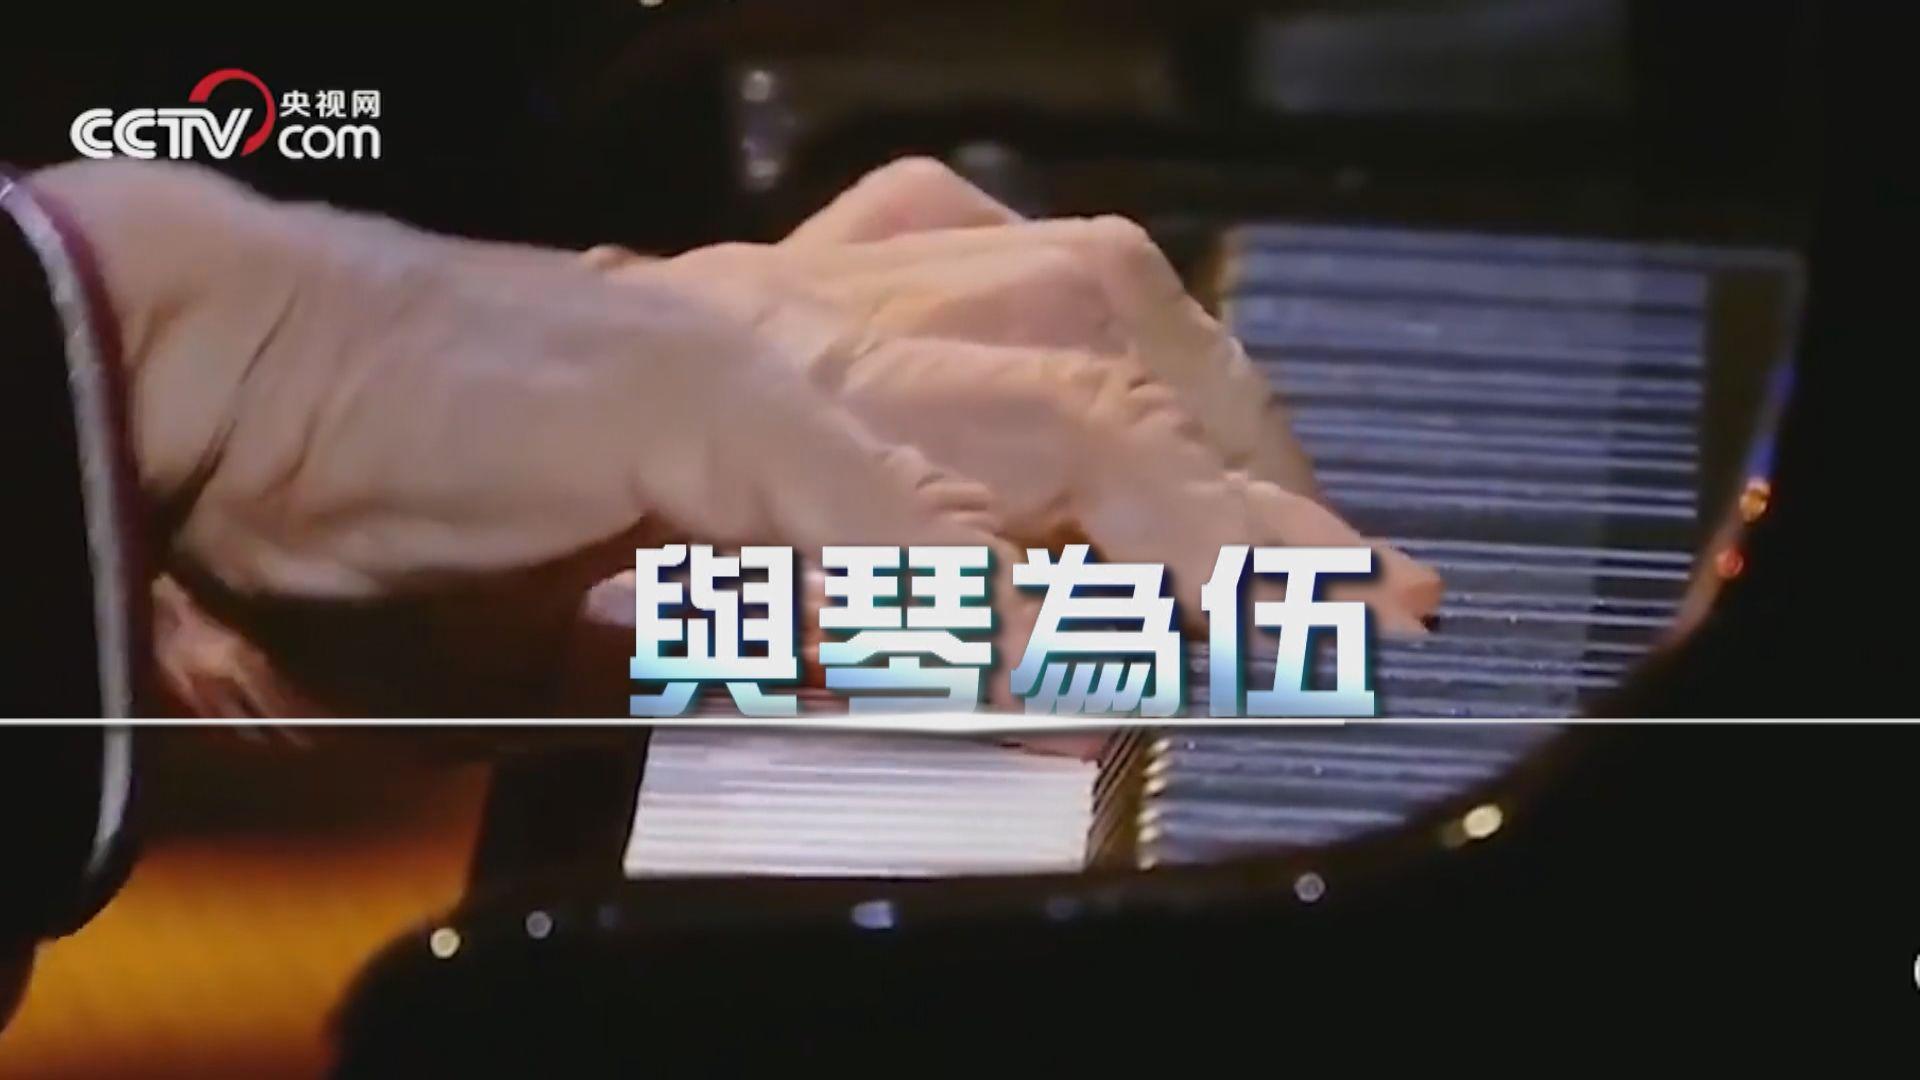 【新聞智庫】《梁祝》鋼琴演奏家辭世 從巫漪麗細數中國當代鋼琴家